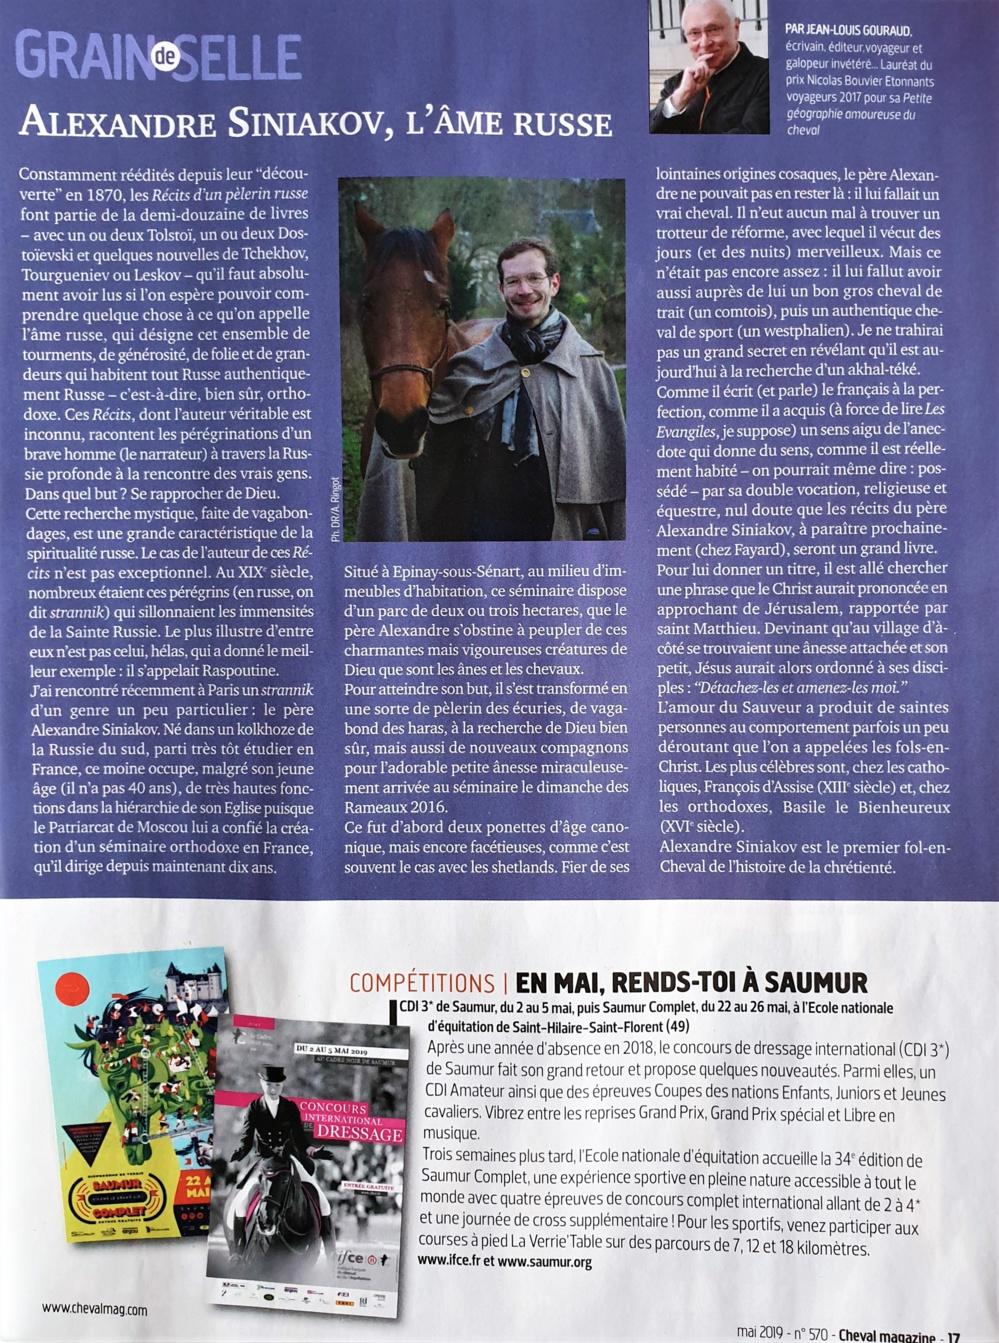 """Article sur notre petite cavalerie dans """"Cheval Magazine"""""""